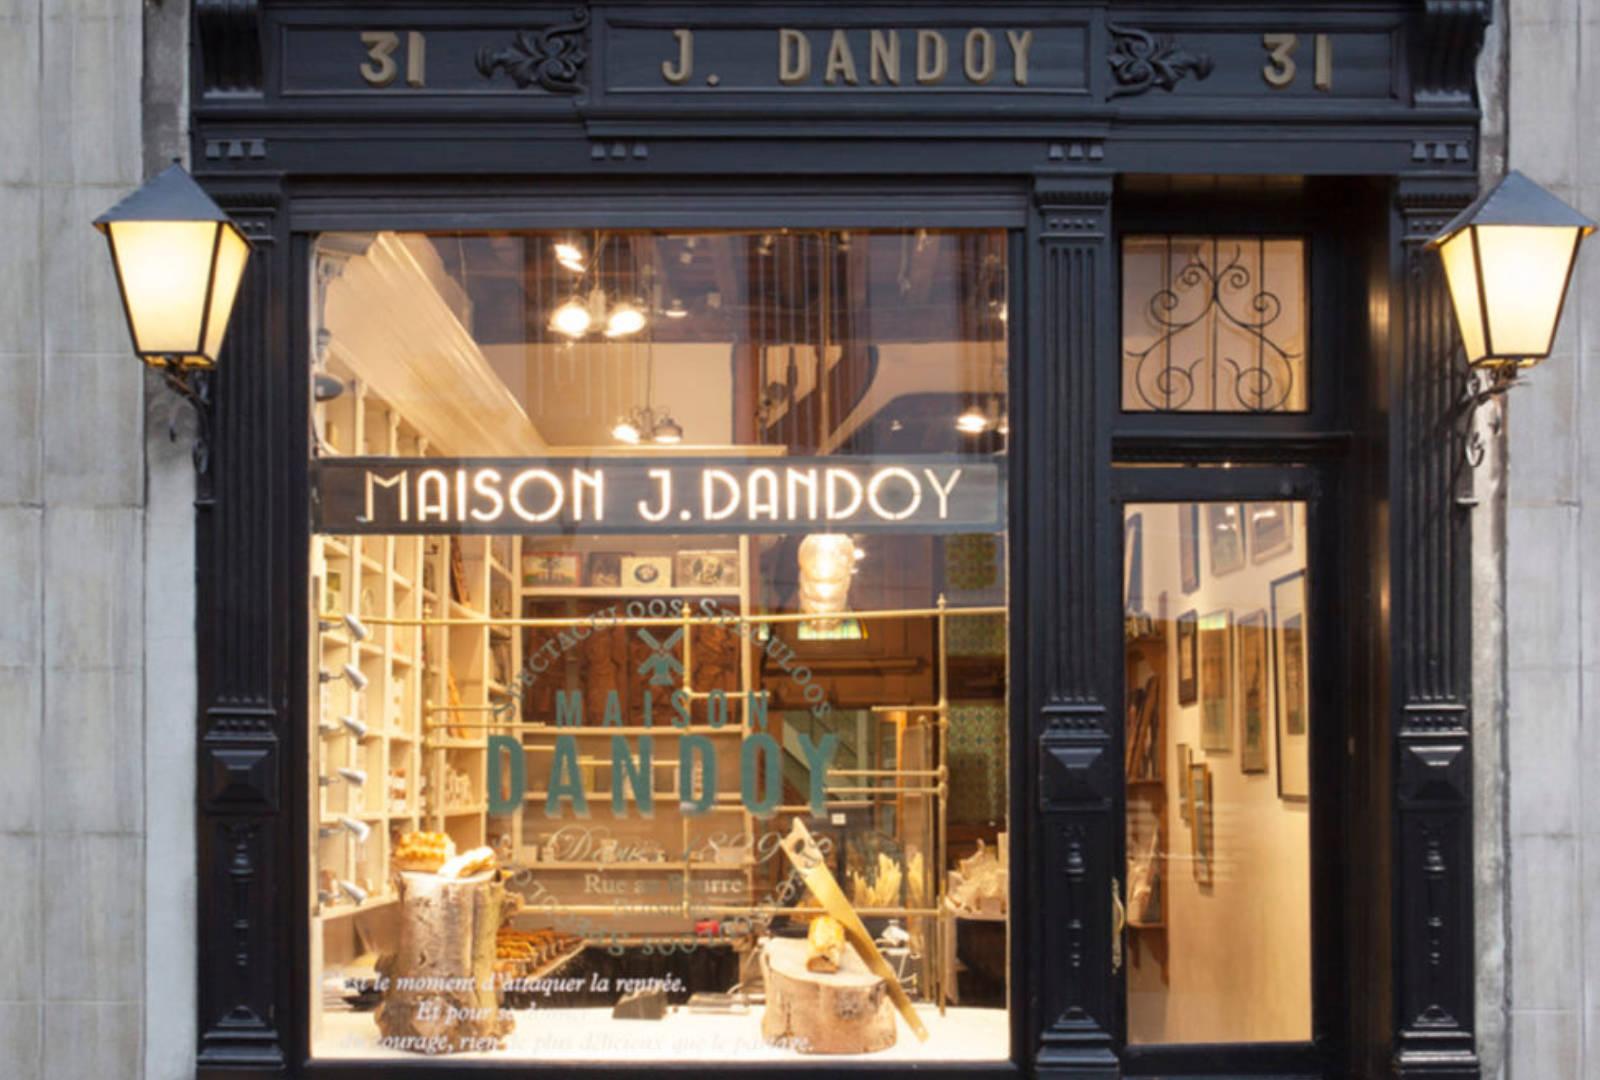 Maison Dandoy en Look&Fin slaan handen ineen om de eerste Proxi-lening te financieren